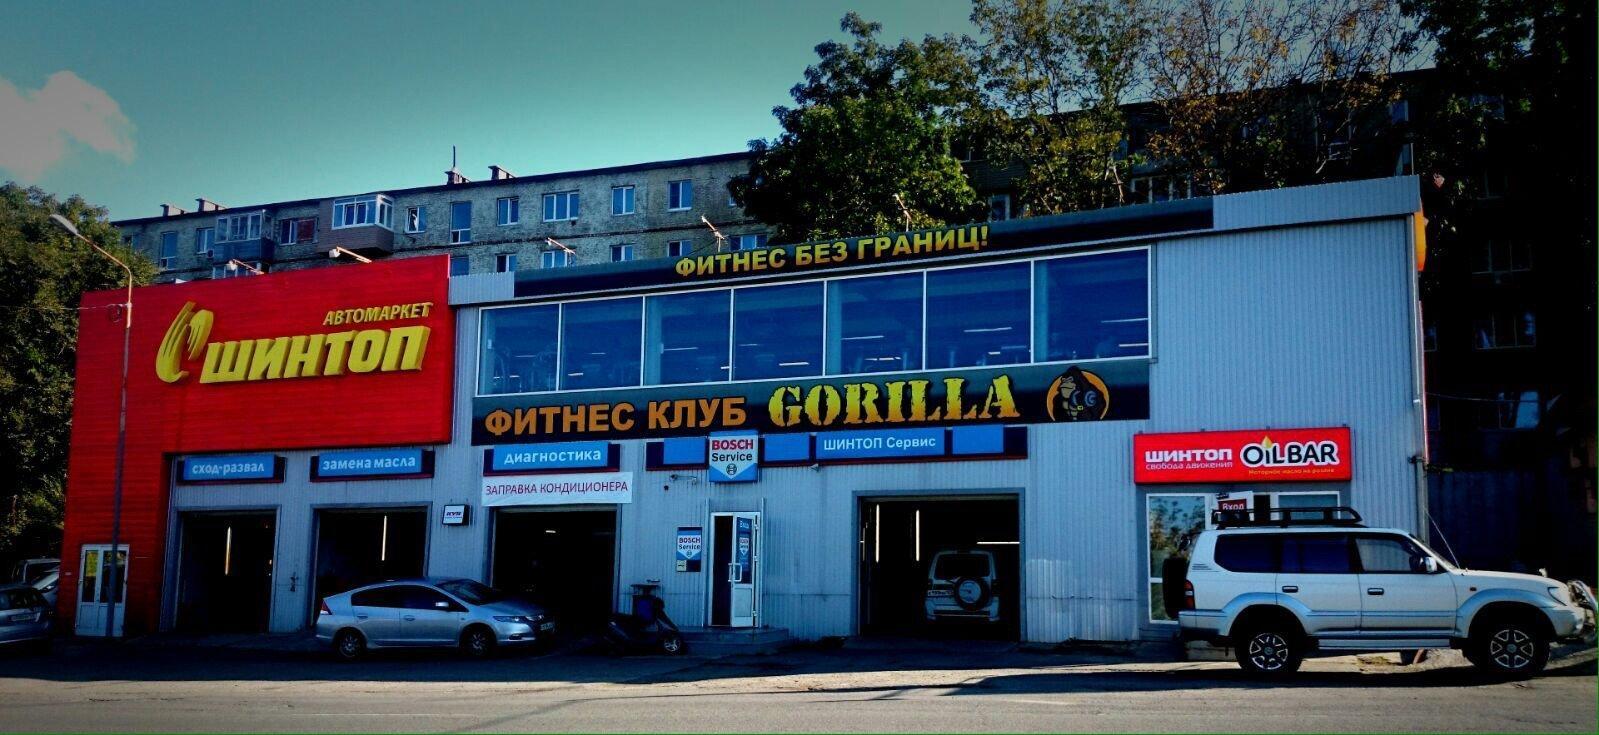 фотография Тренажерного зала Gorilla на улице Героя Вилкова